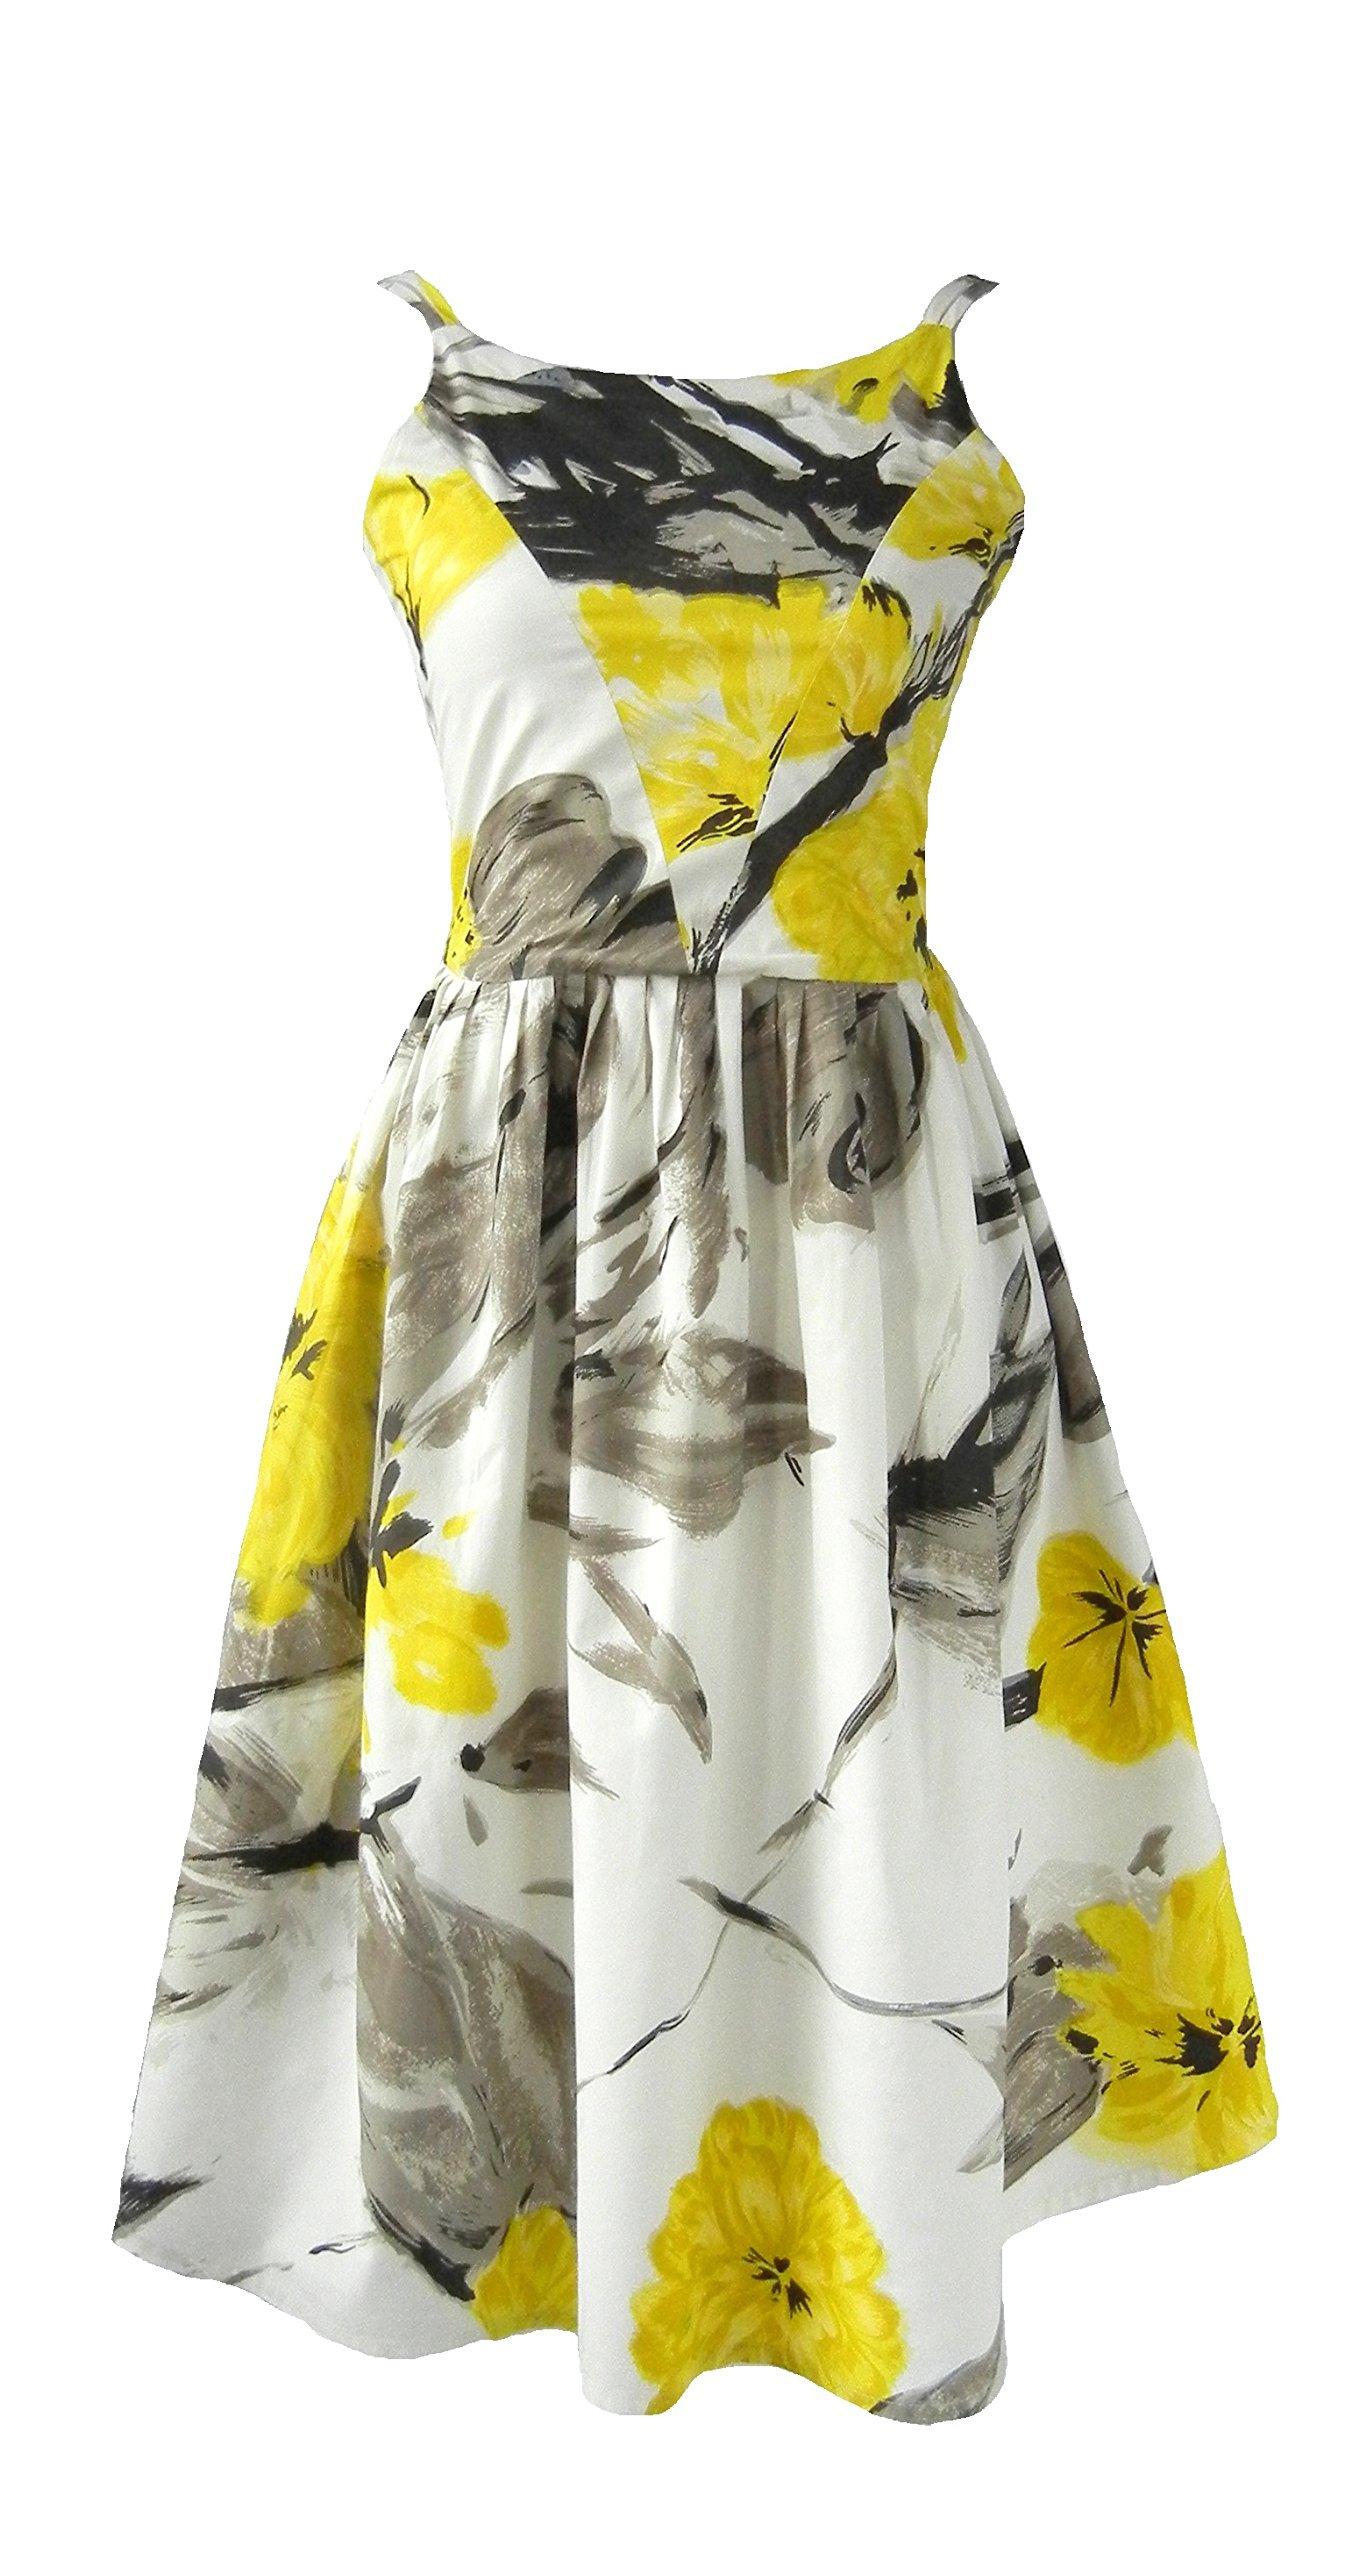 1950s Vintage Style Pin Up Rockabilly Sun Dress